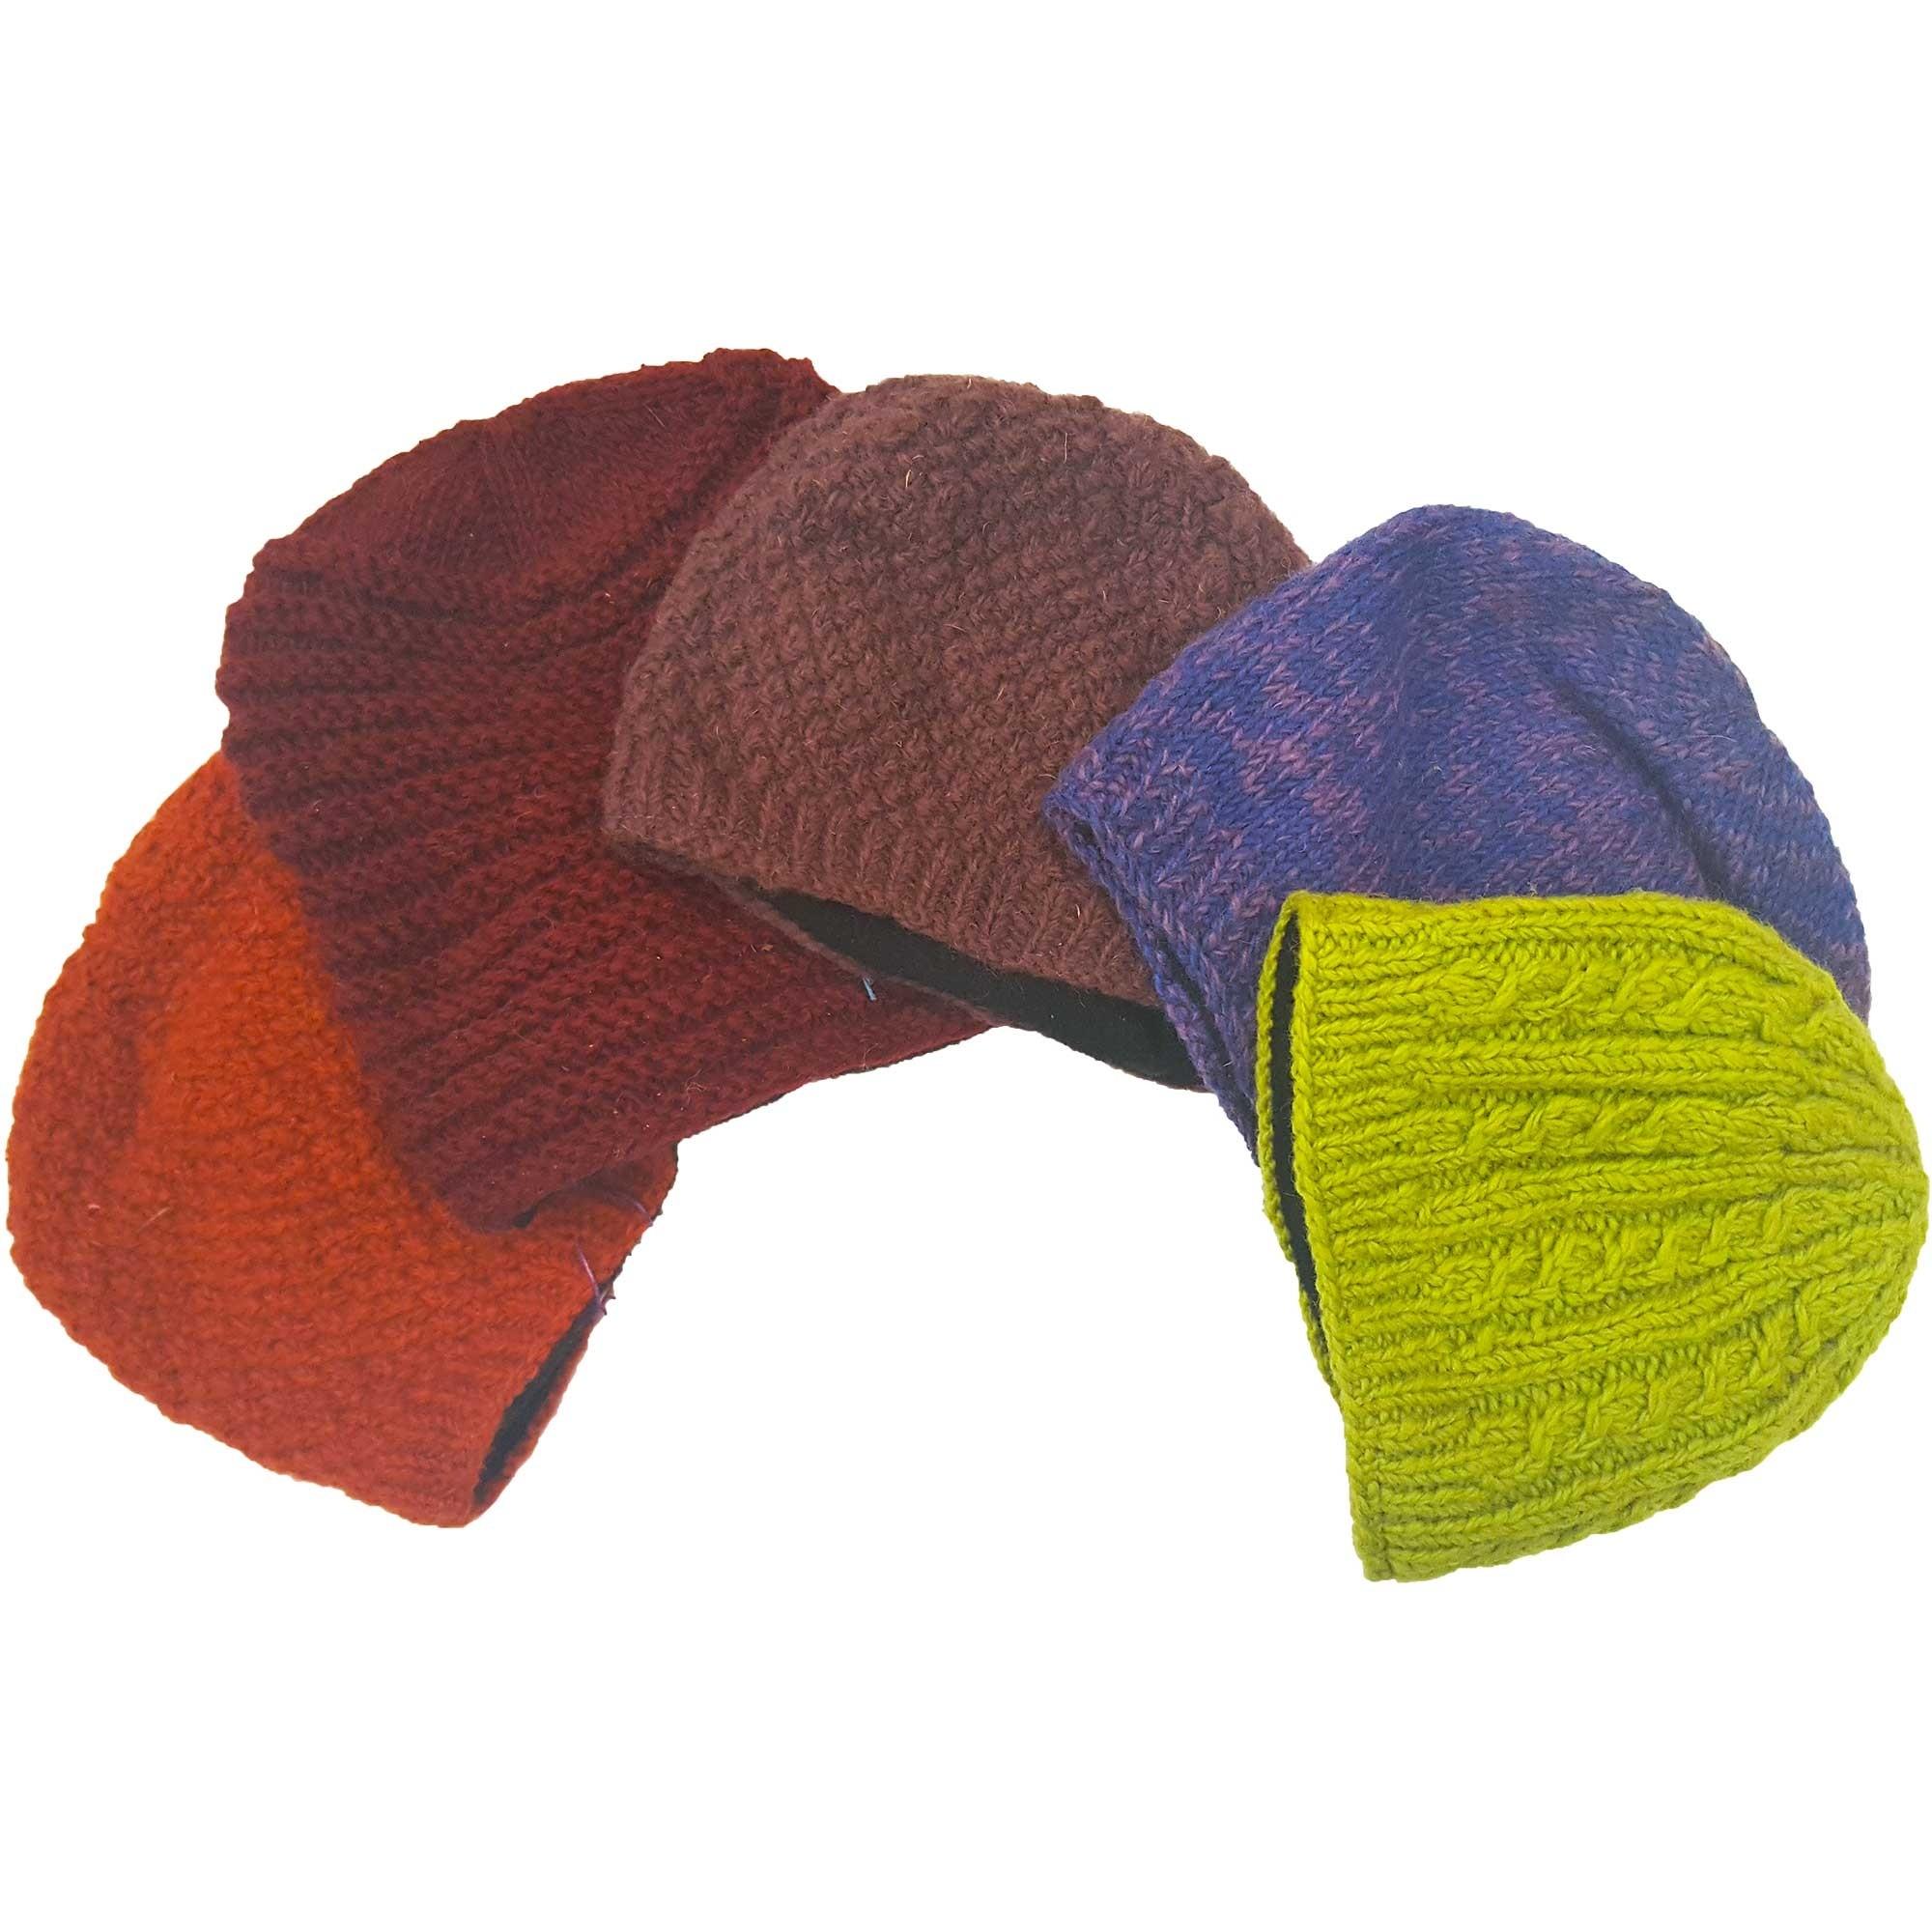 Hatmandu Hatmandu Nepali Hats